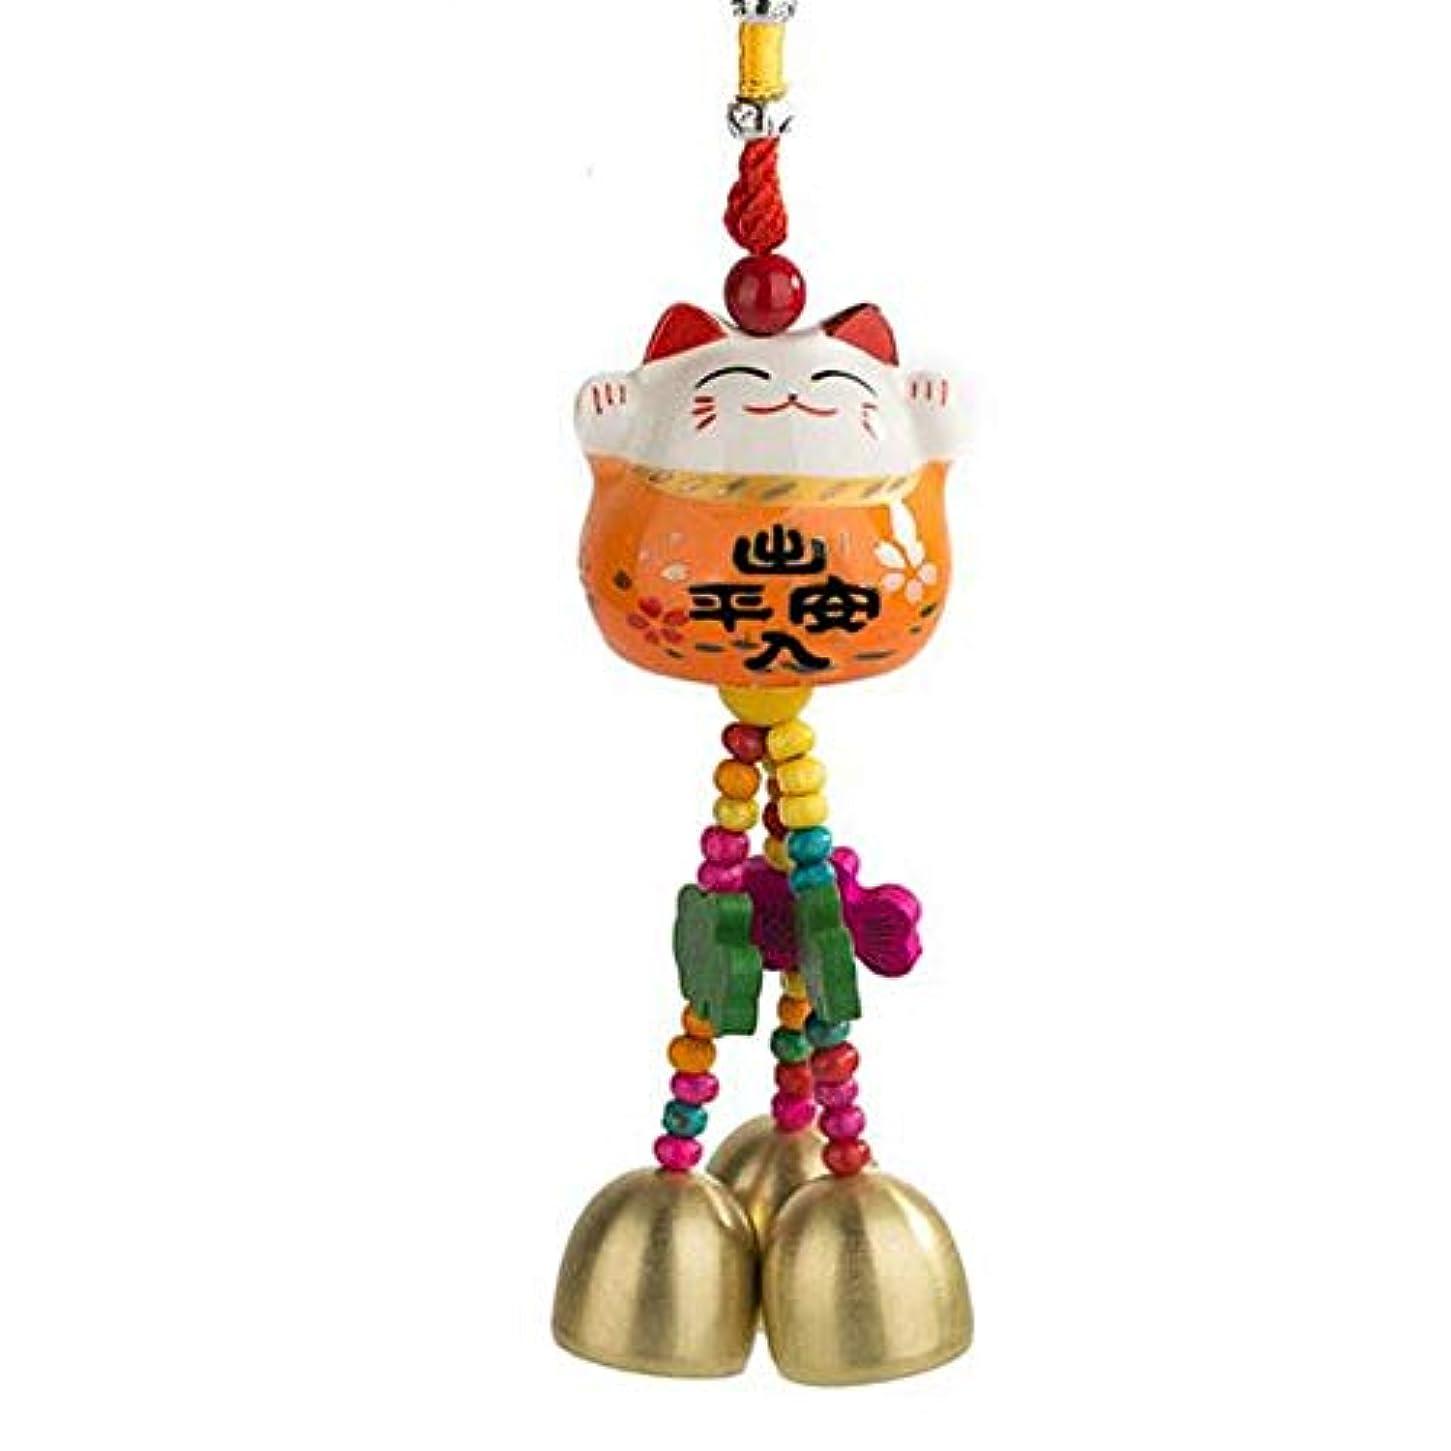 キャプチャーみなさん受けるKaiyitong01 風チャイム、かわいいクリエイティブセラミック猫風の鐘、ブルー、ロング28センチメートル,絶妙なファッション (Color : Orange)